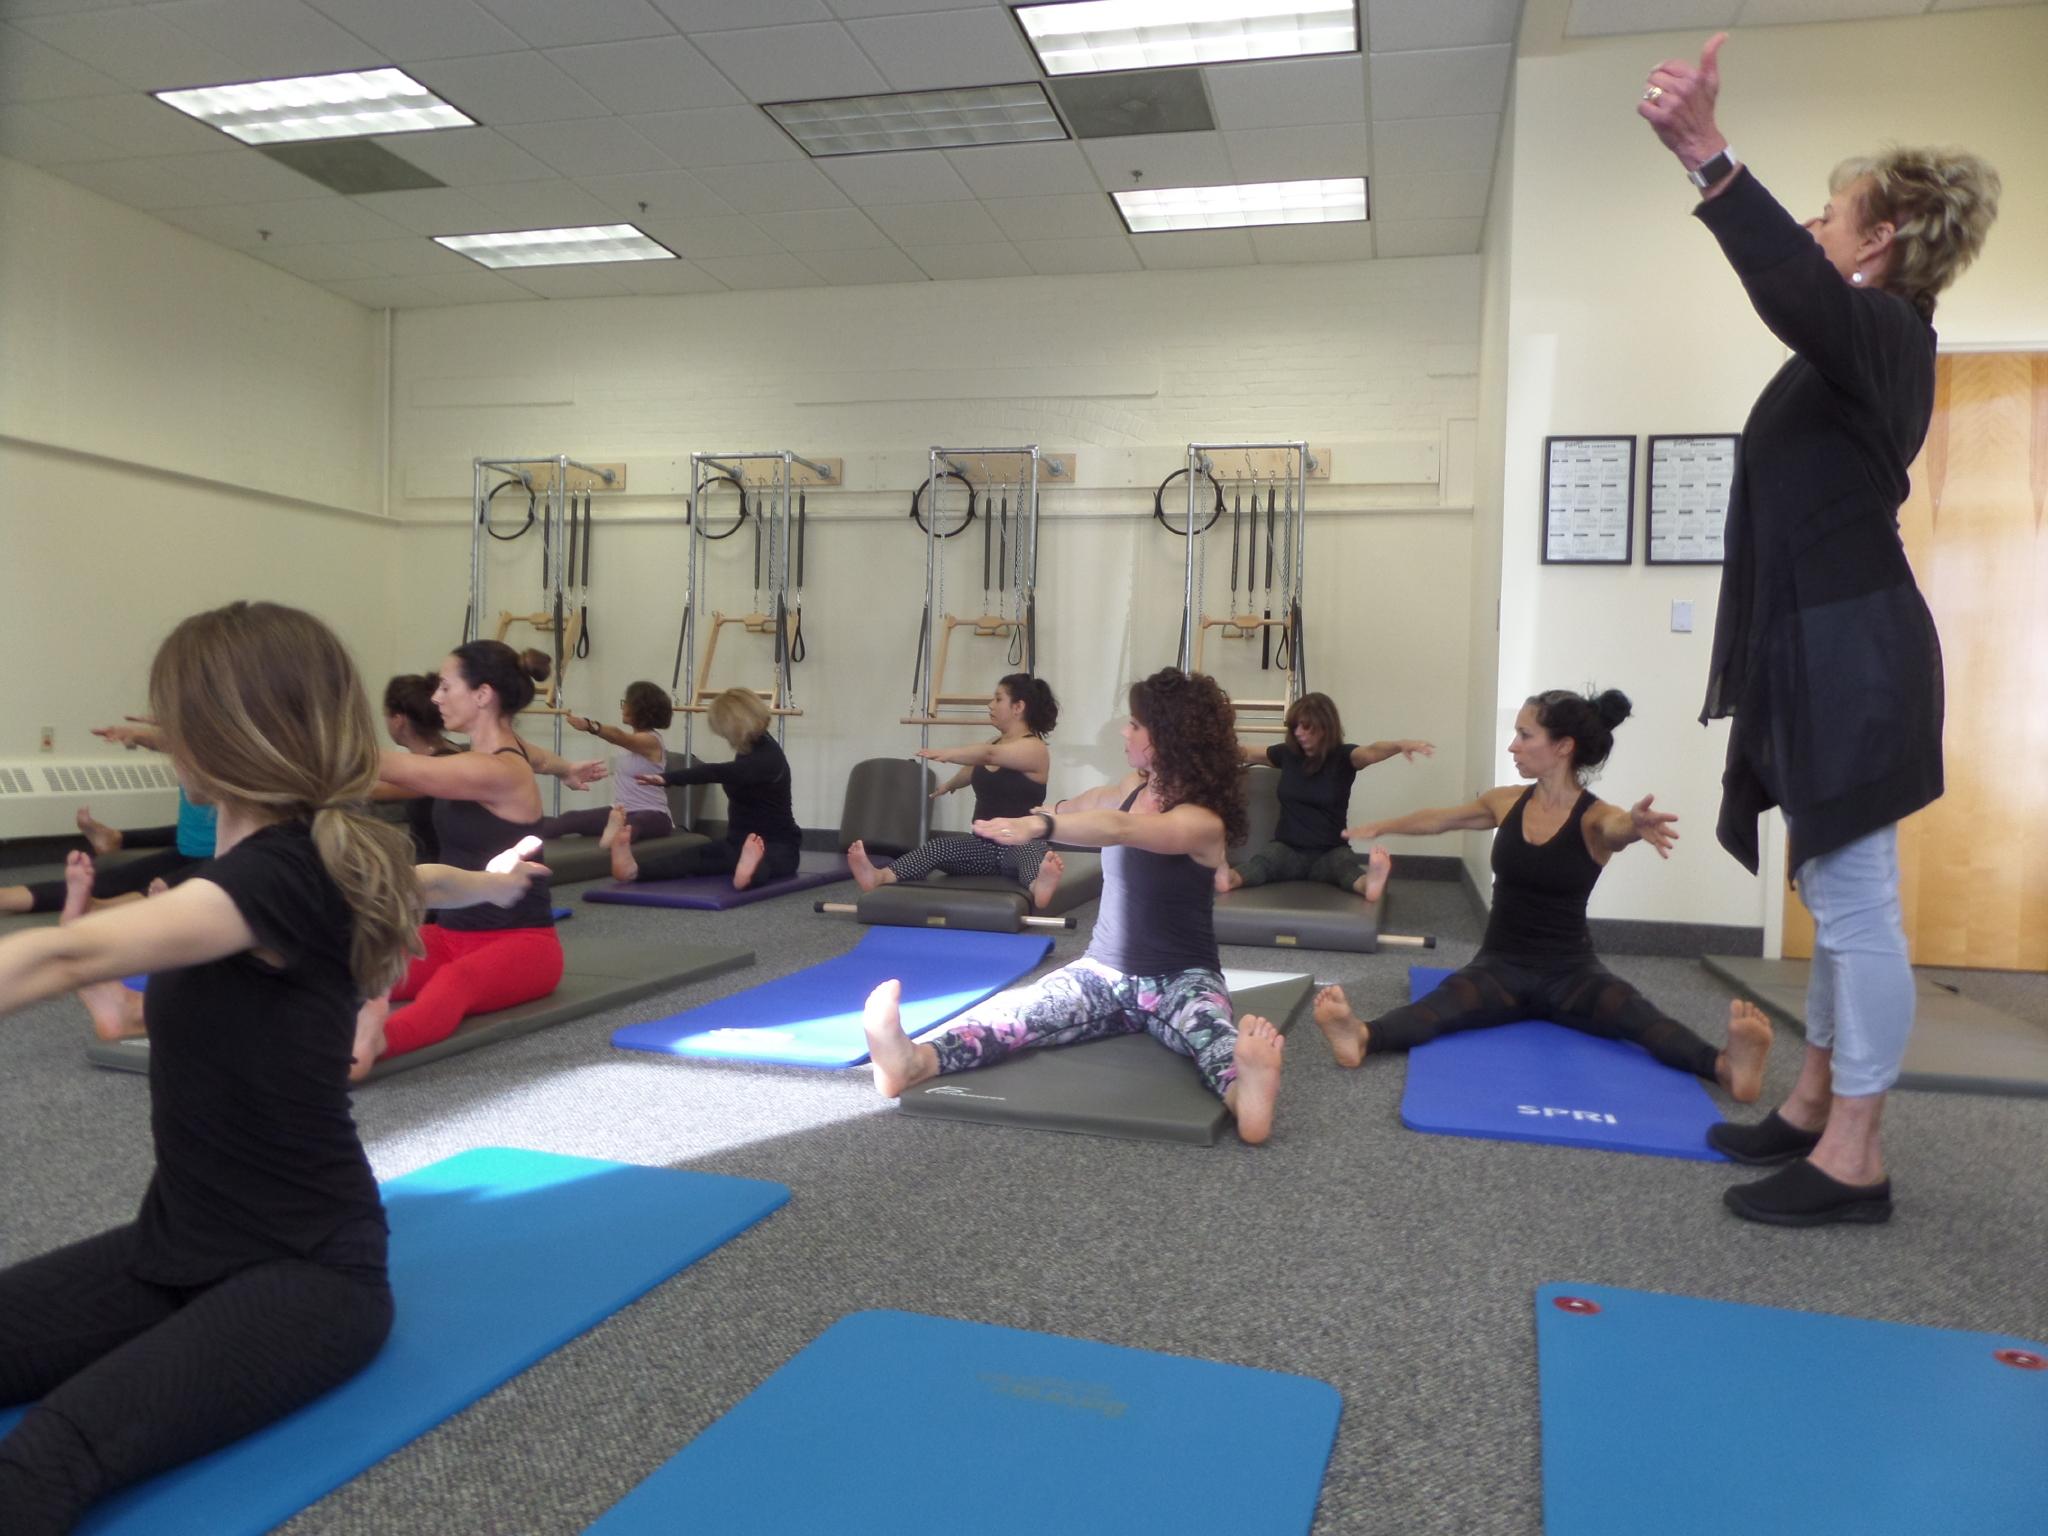 True-Pilates-Boston-Group-Mat-Class-With-Sonje-Mayo.jpeg